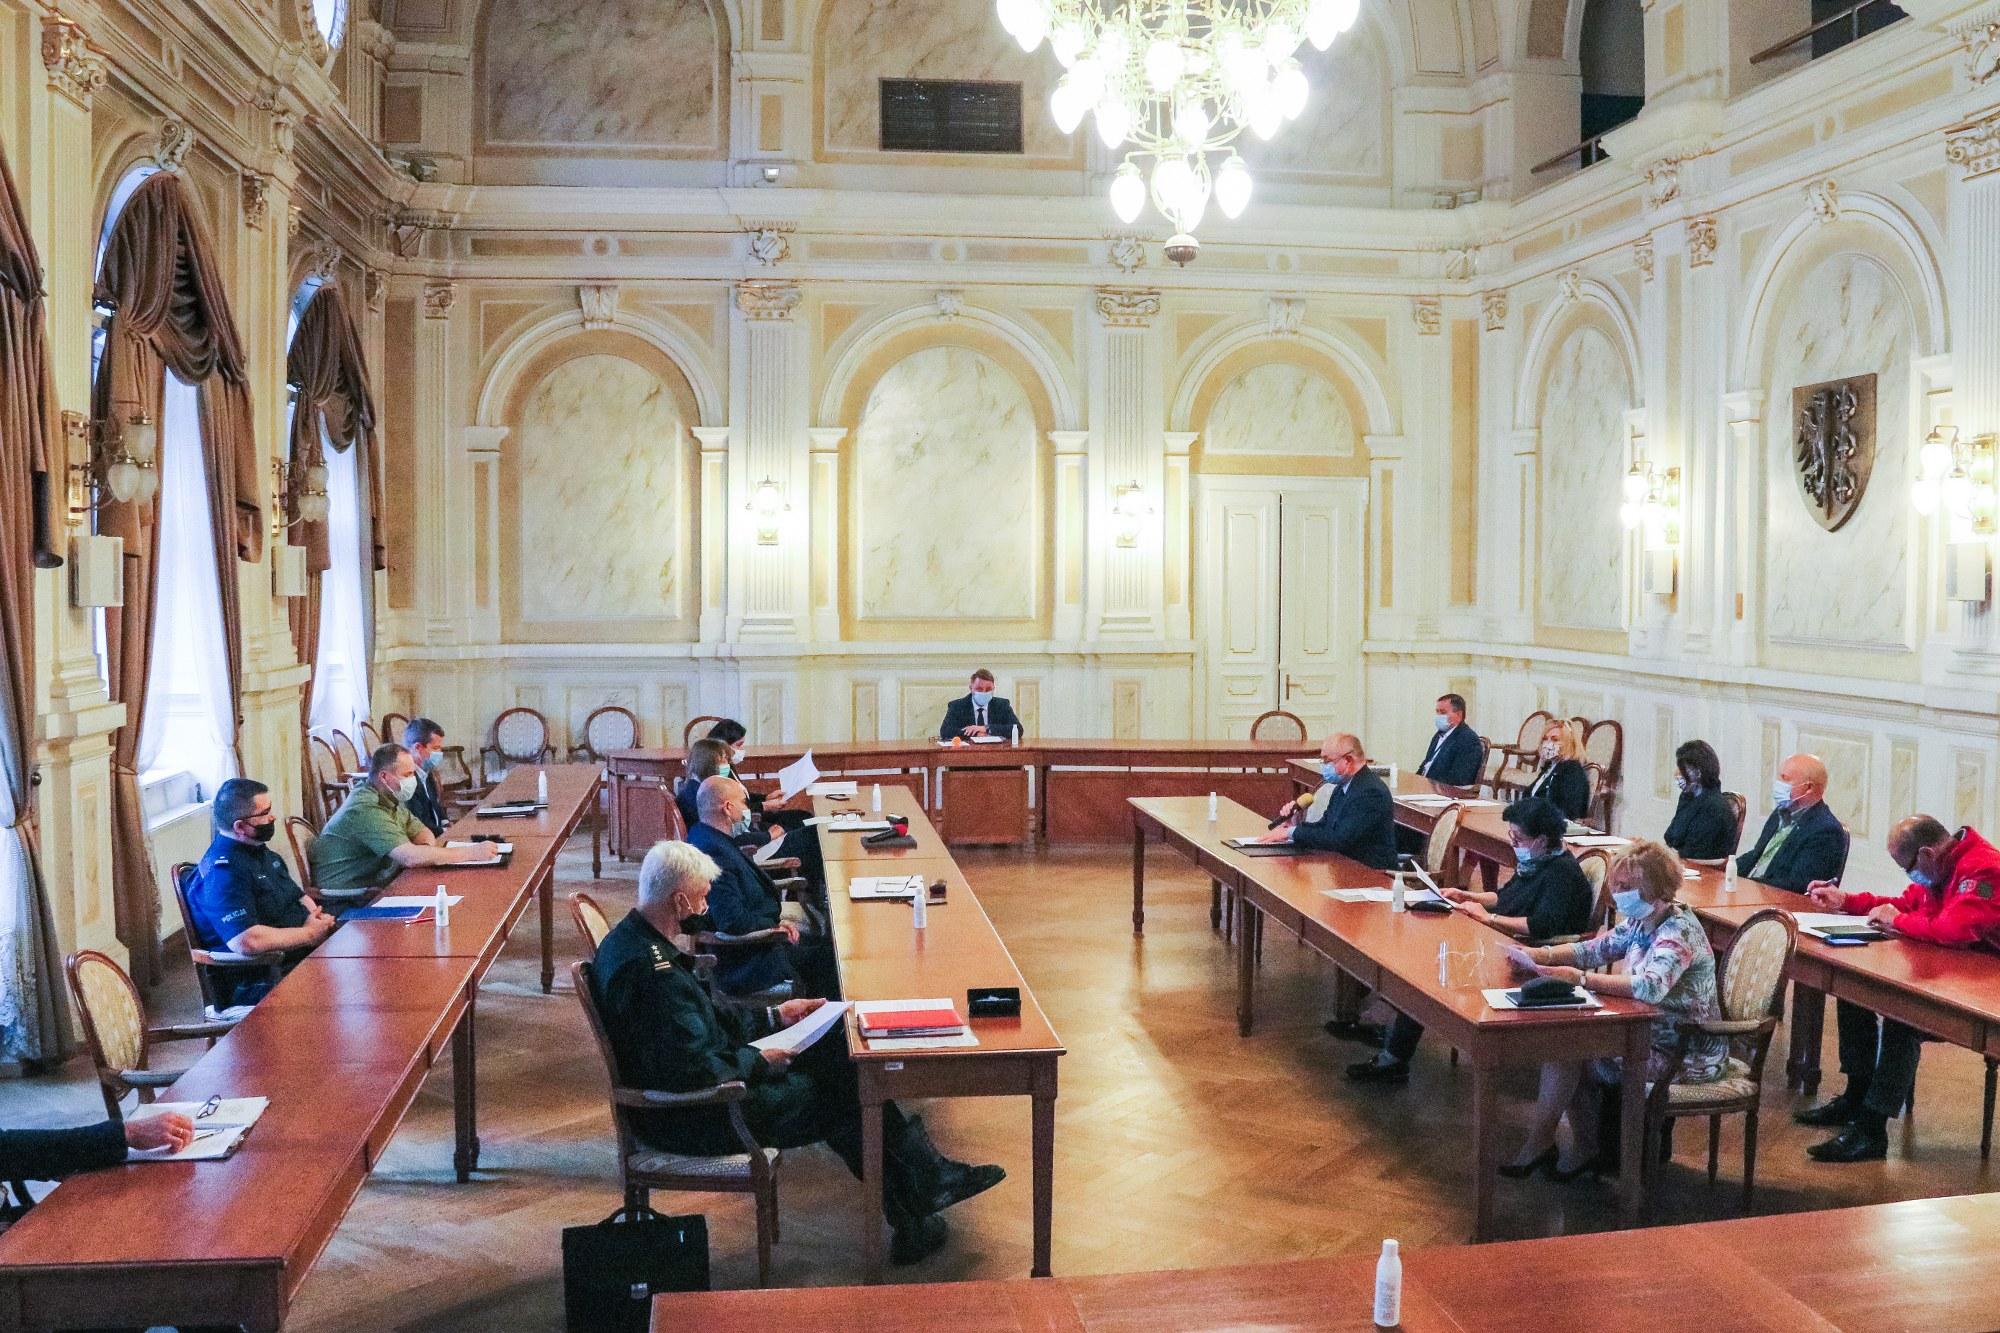 Tak Bielsko-Biała walczy z koronawirusem